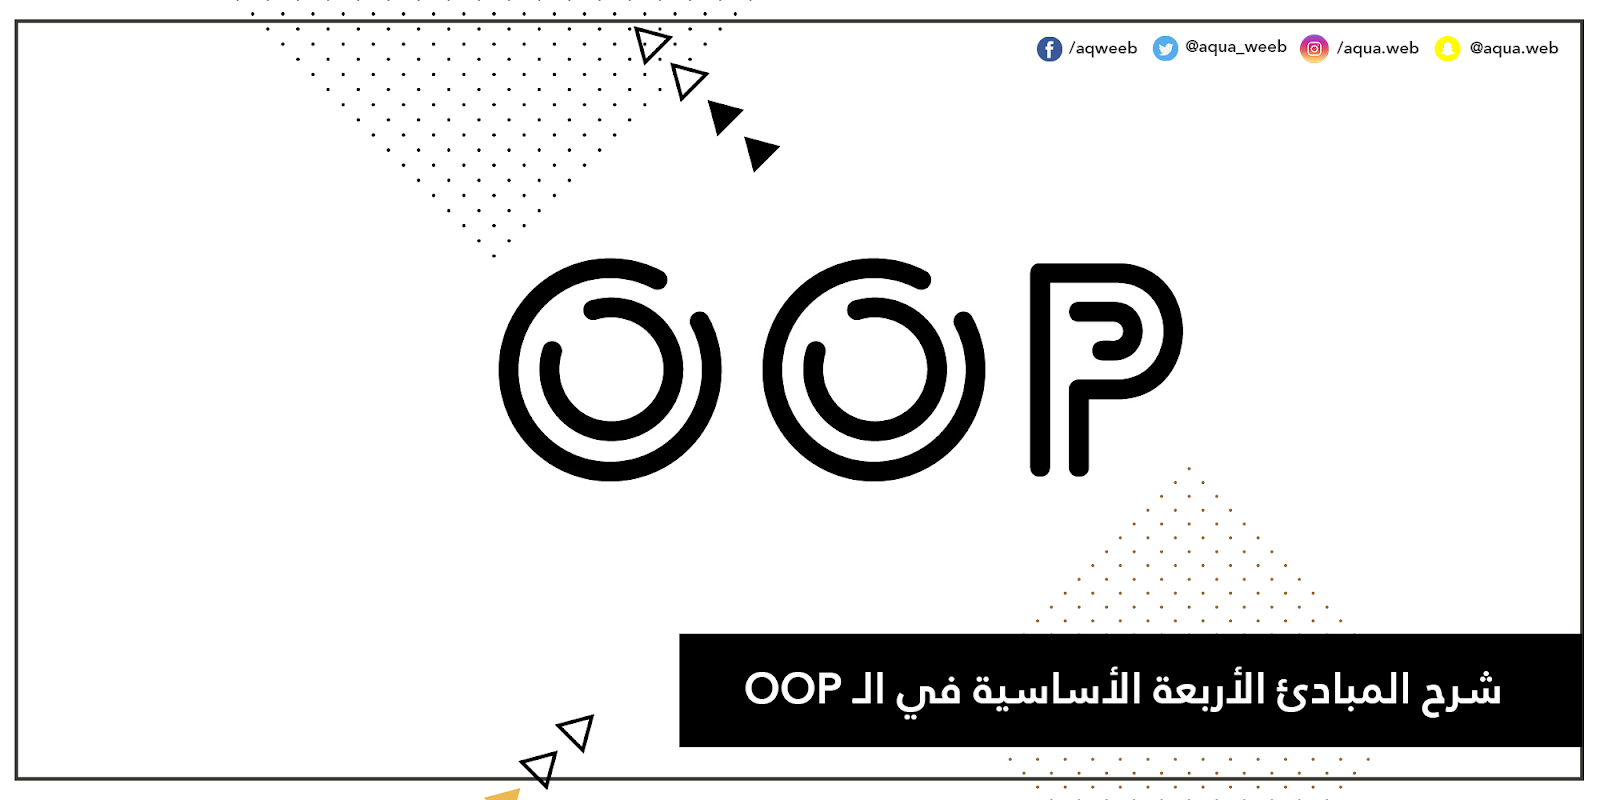 شرح المبادئ الأربعة الأساسية في الـ OOP ( البرمجة كائنية التوجه )